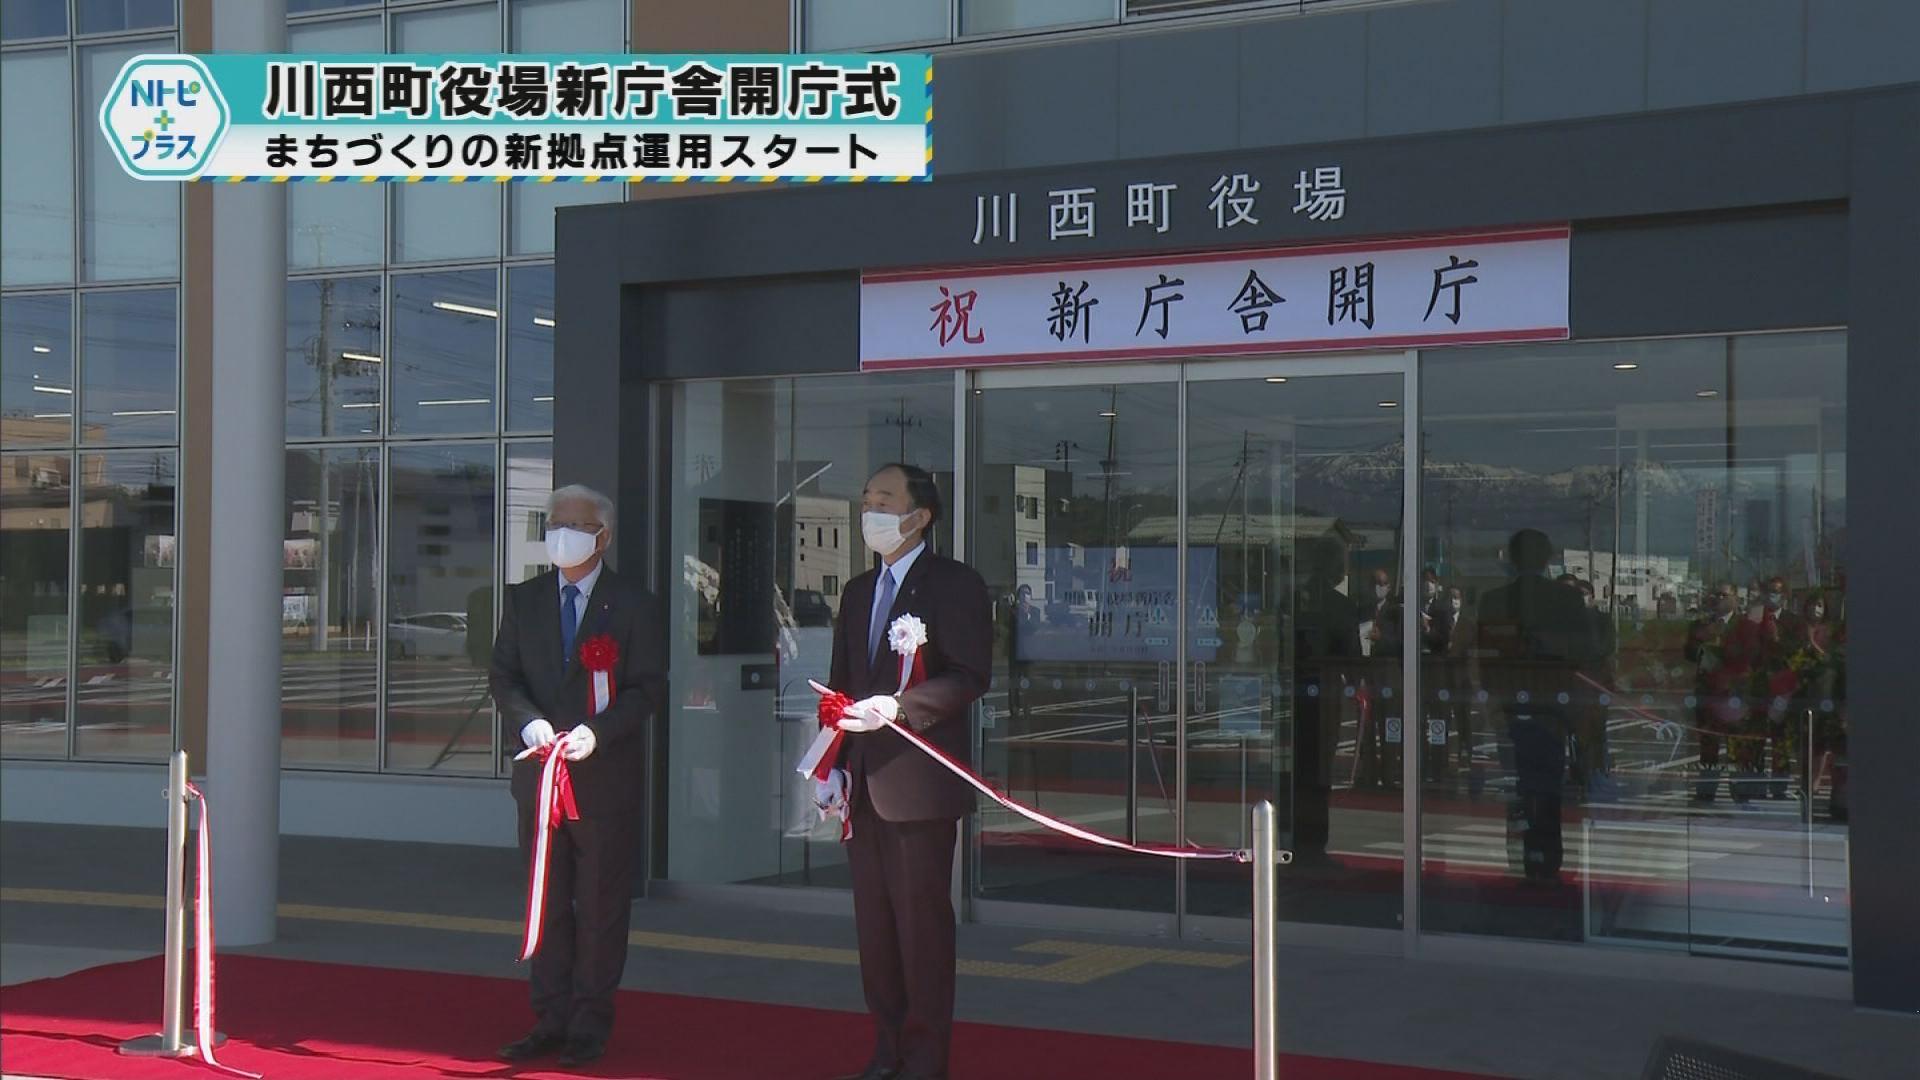 「川西町役場新庁舎開庁式」まちづくりの新拠点運用スタート